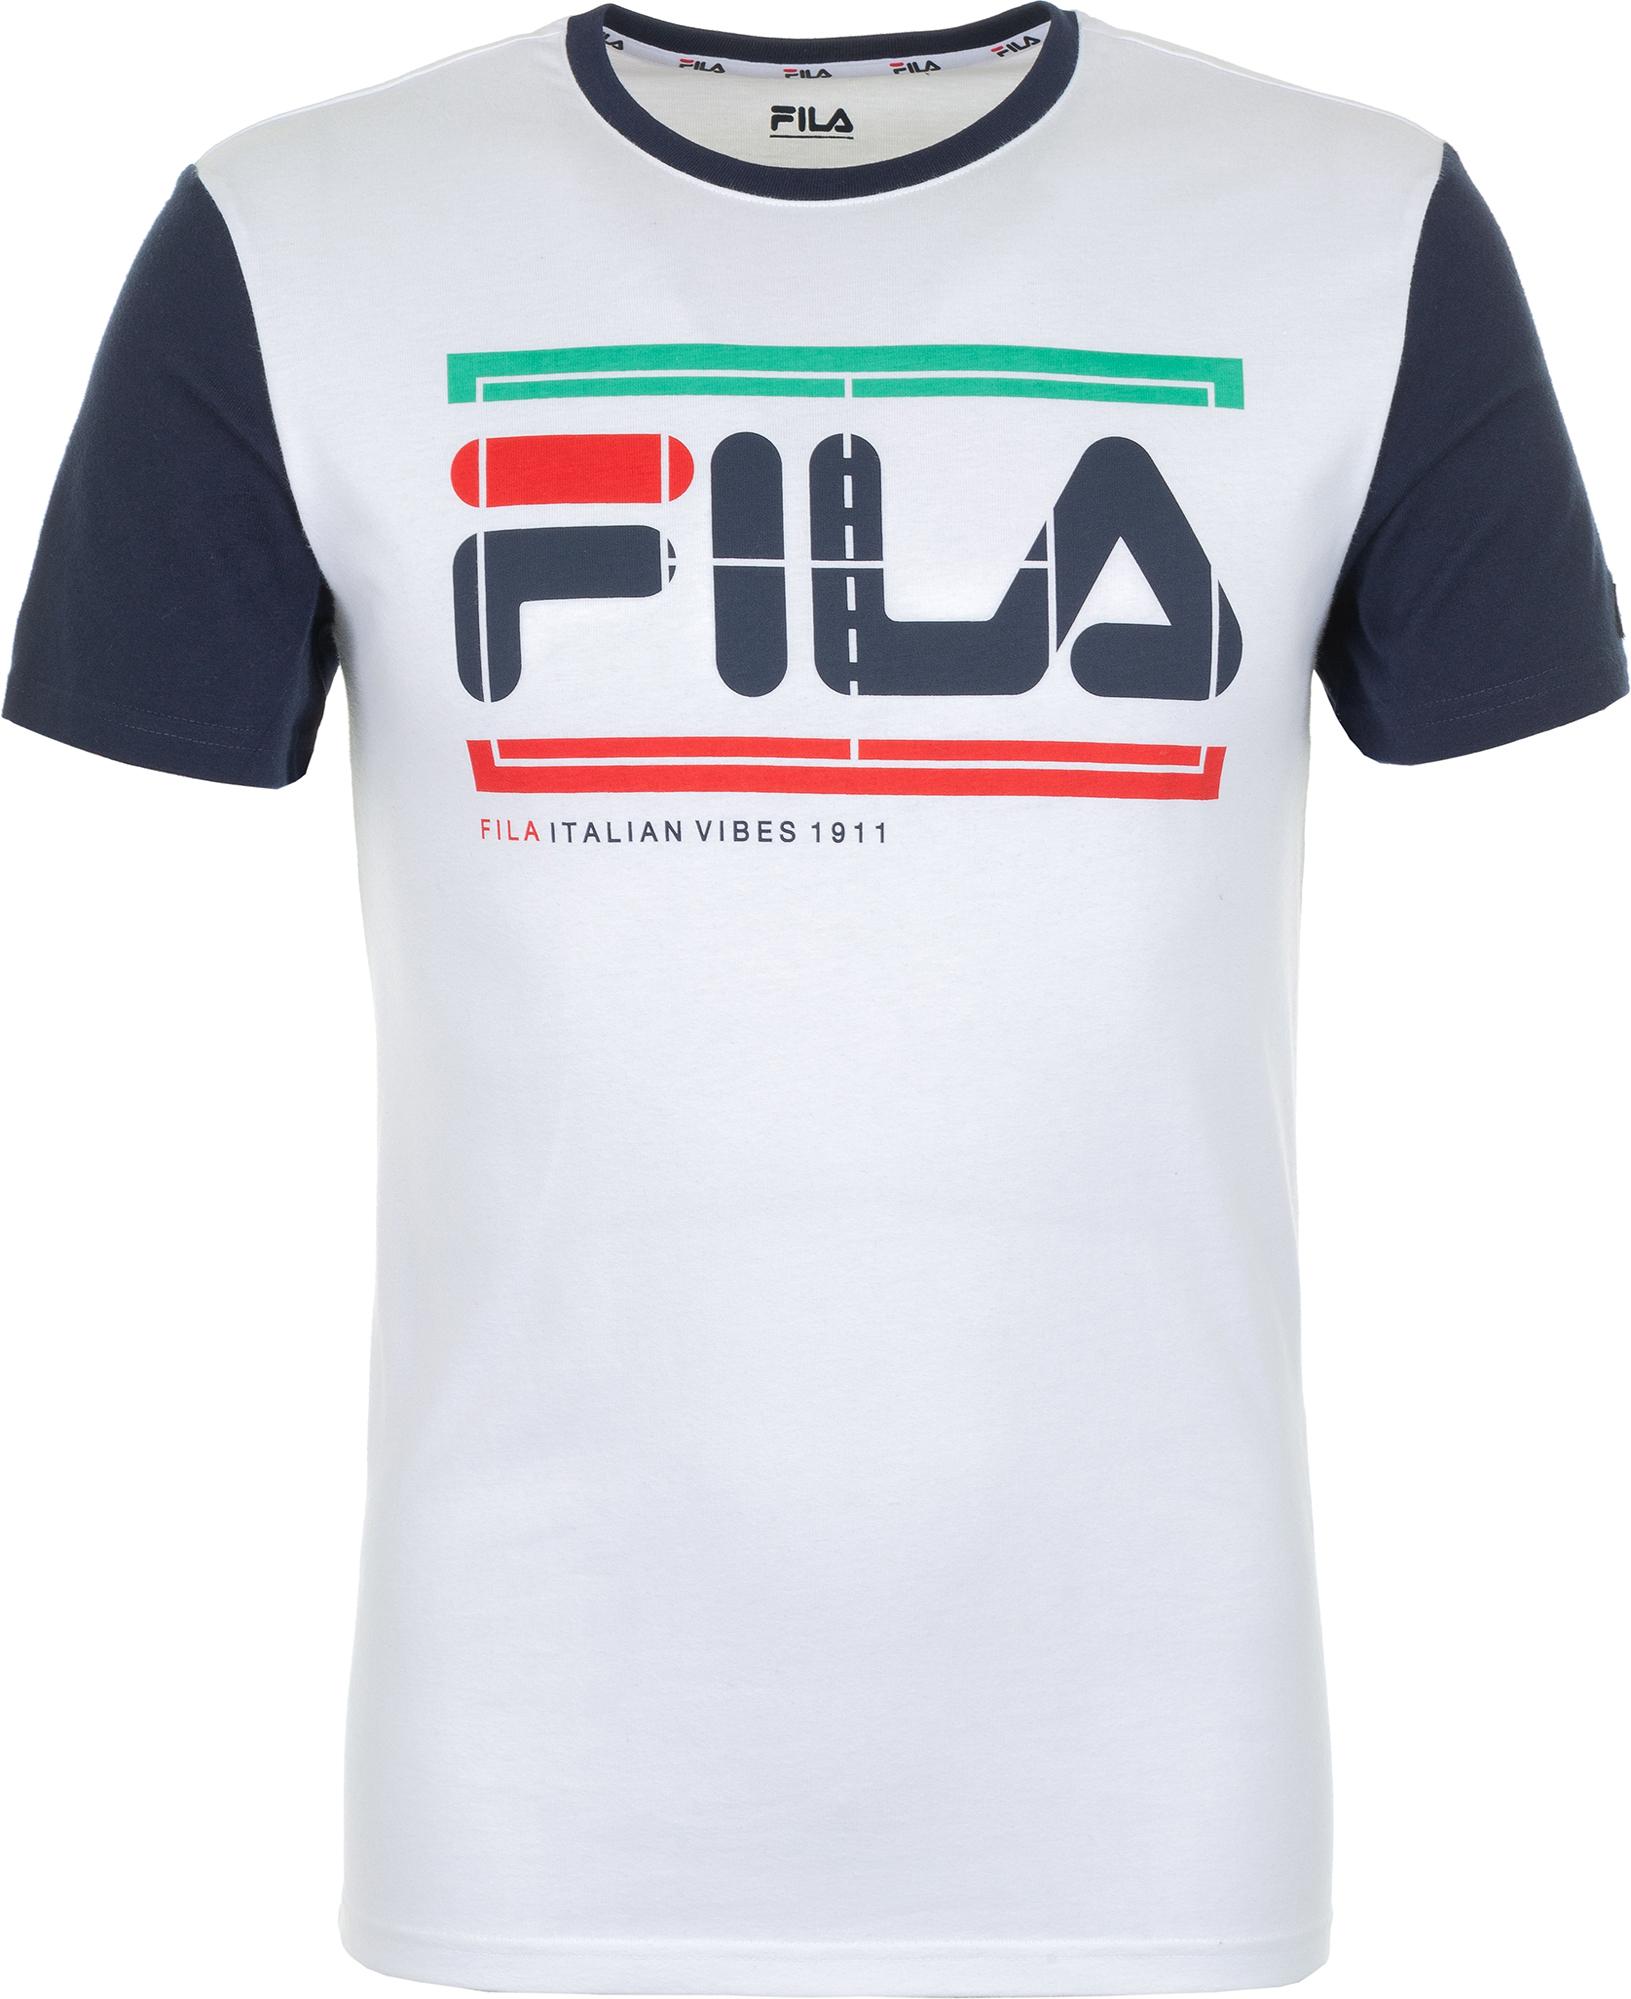 Fila Футболка мужская Fila, размер 52 куртка мужская fila цвет черный a19afljam07 99 размер m 48